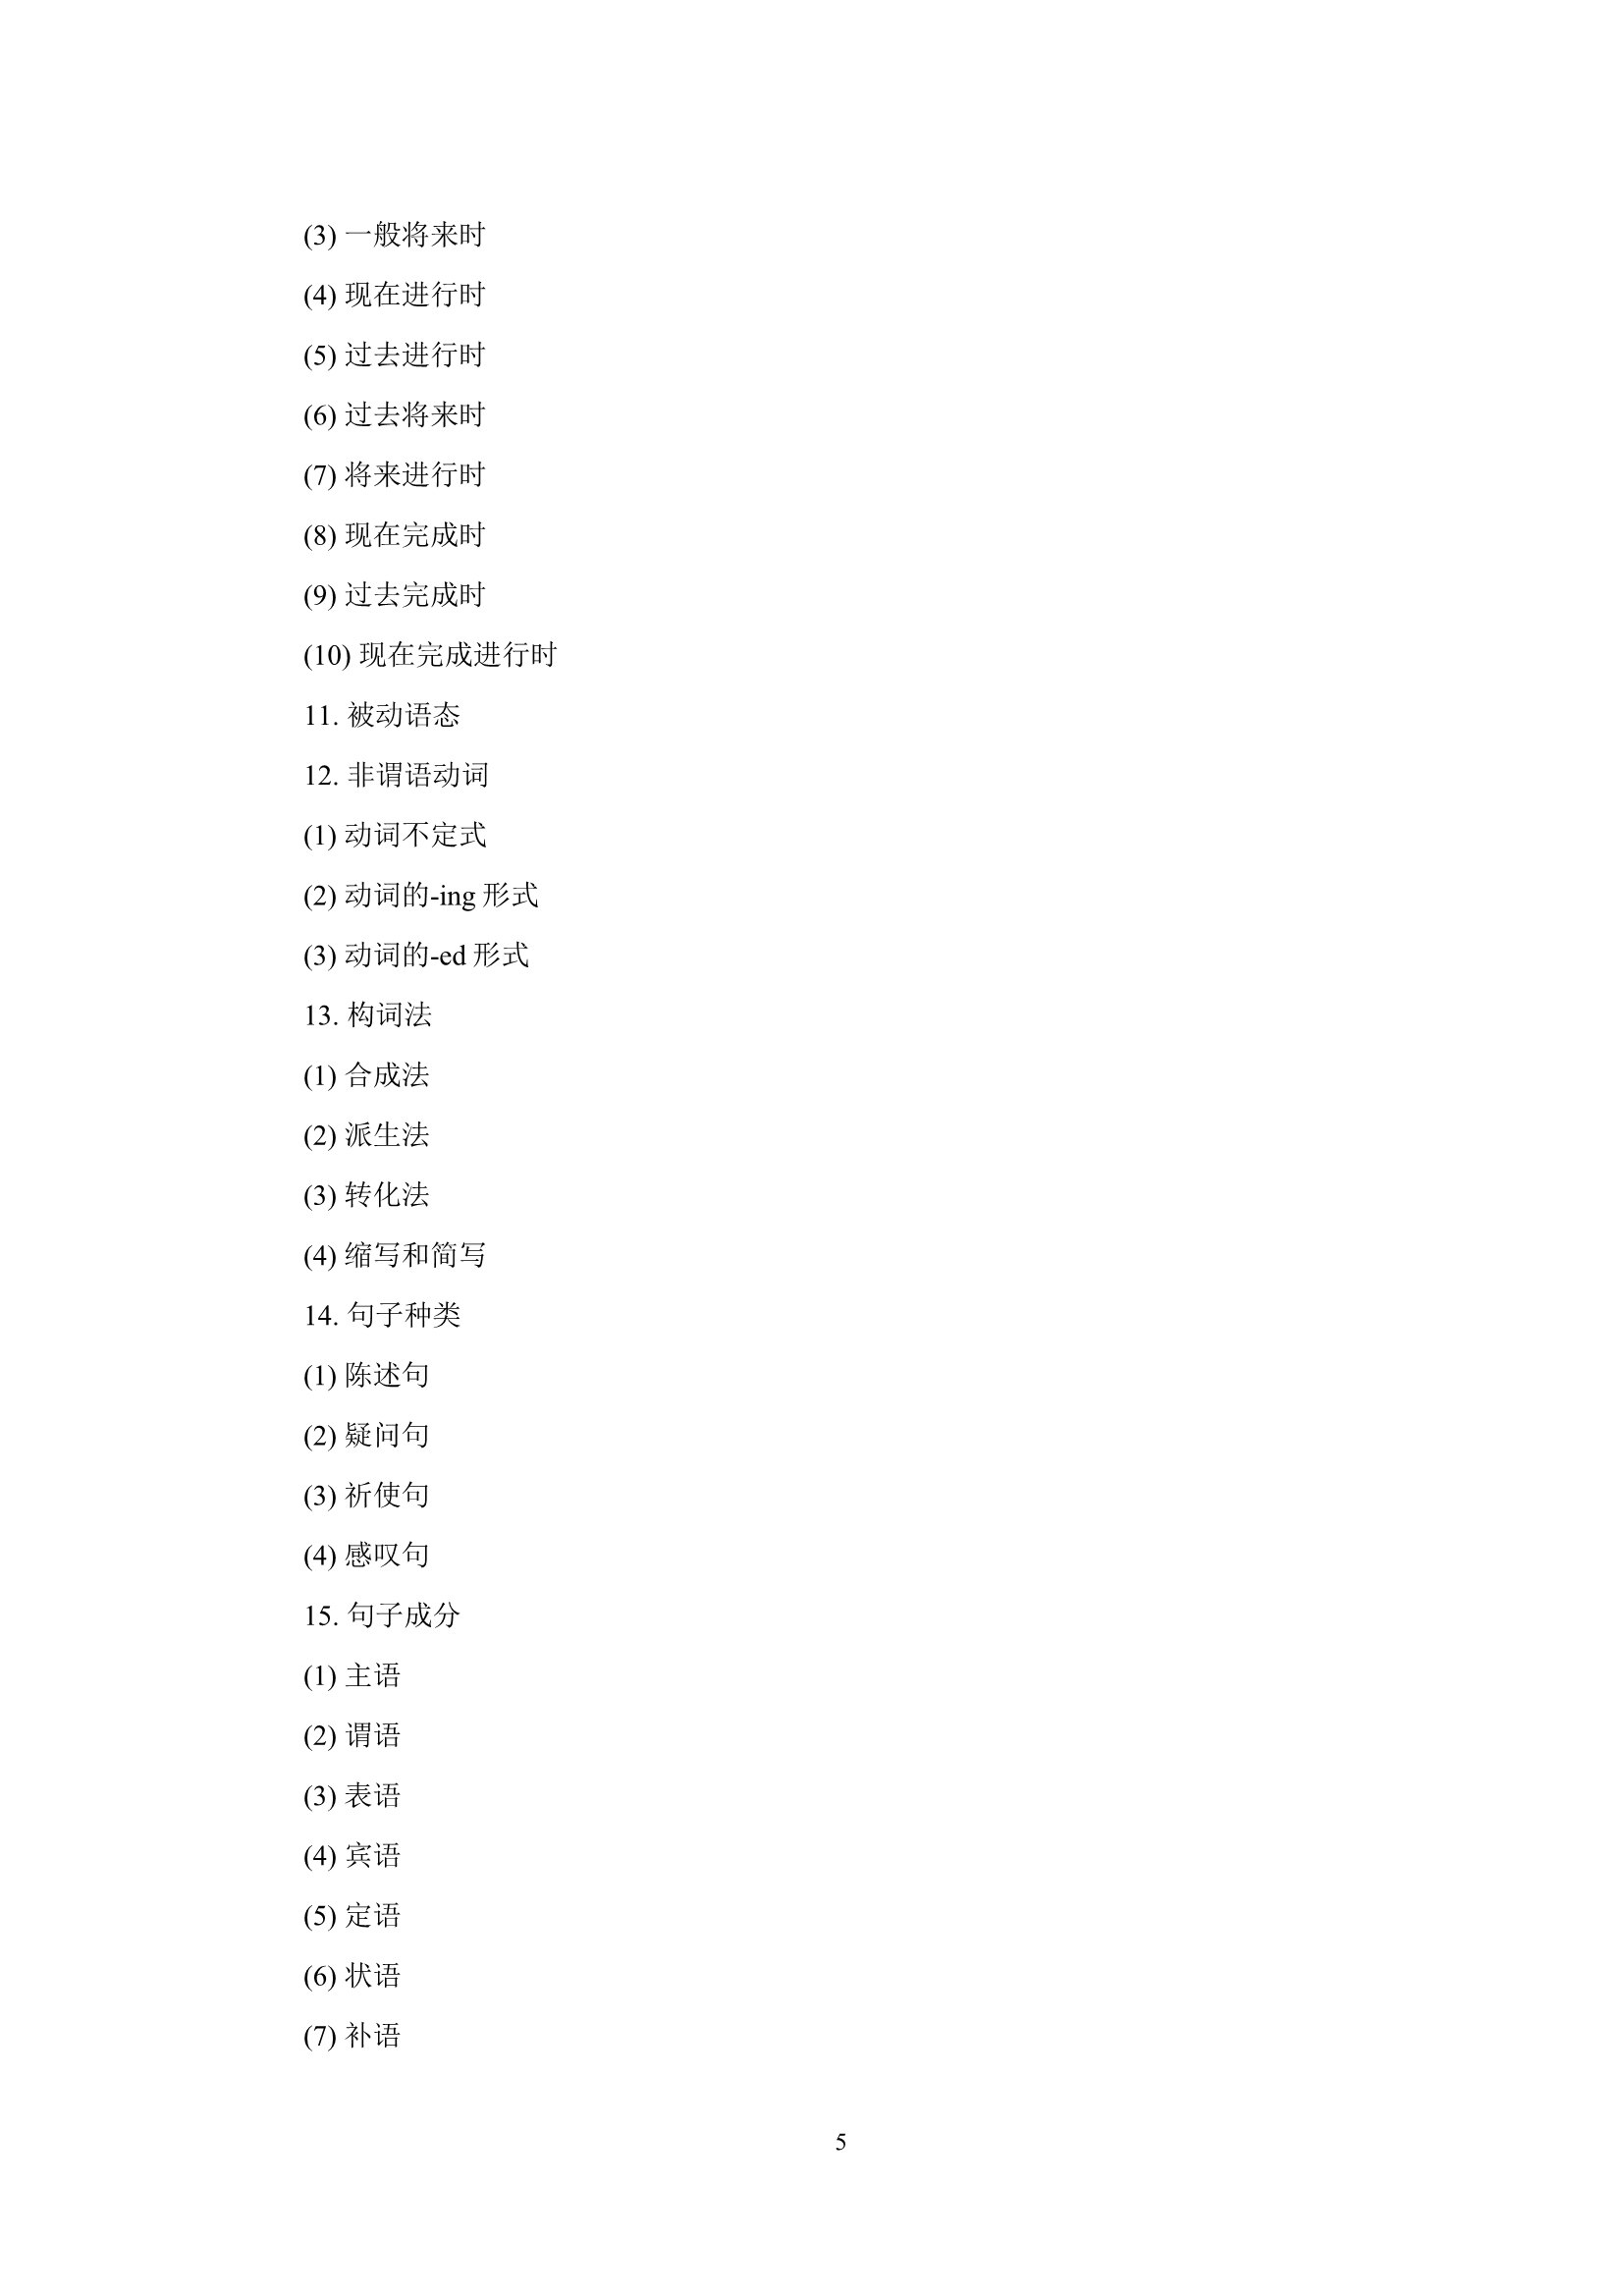 2018年江苏高考考试大纲,江苏高考英语考试,江苏高考